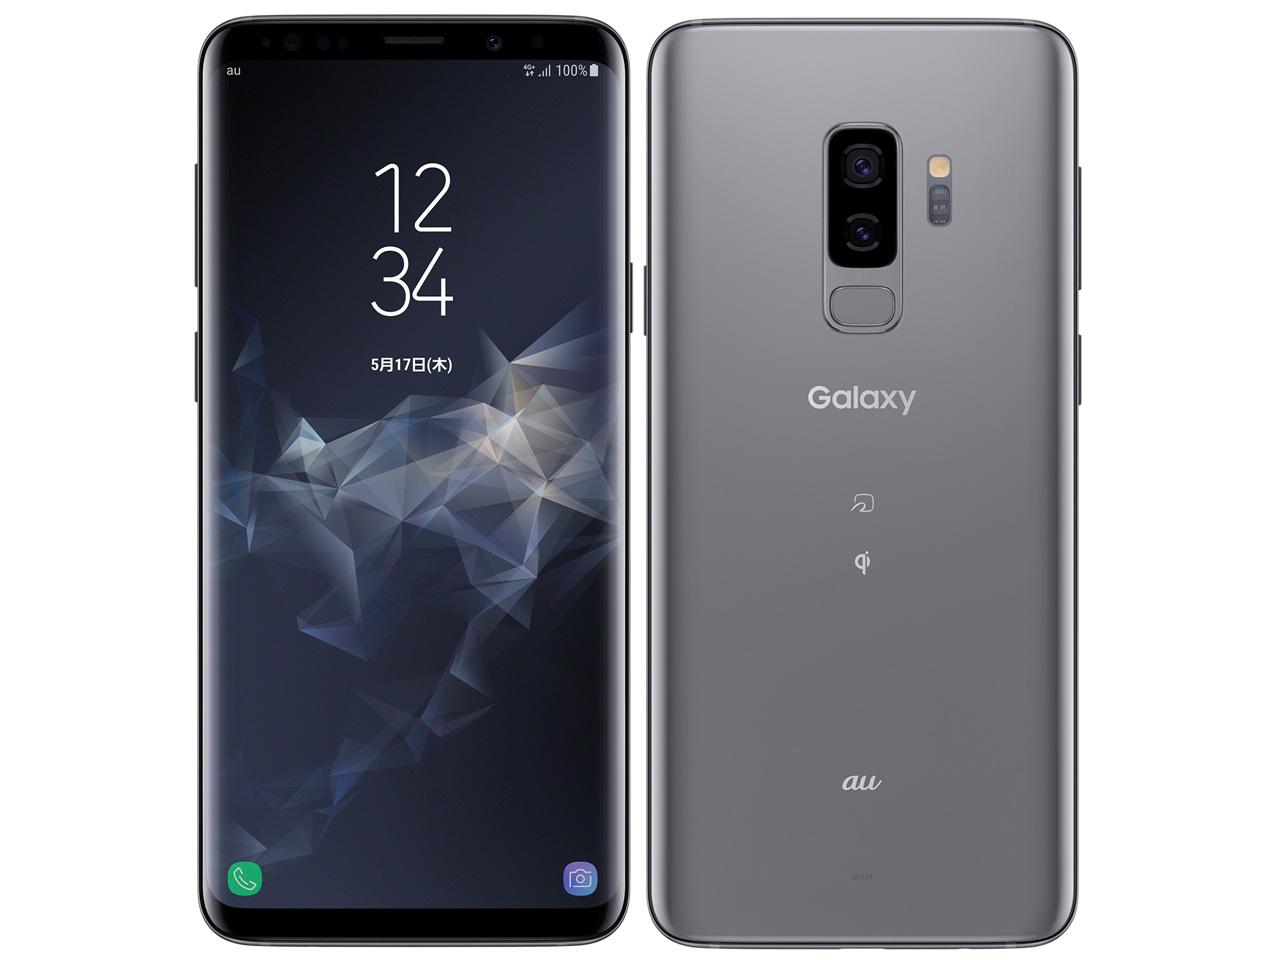 【新品・白ロム・本体】simロック解除済み au Galaxy S9+ SCV39チタニウムグレー SAMSUNG(サムスン) スマートフォン 携帯電話 SCV39 チタニウムグレー scv39